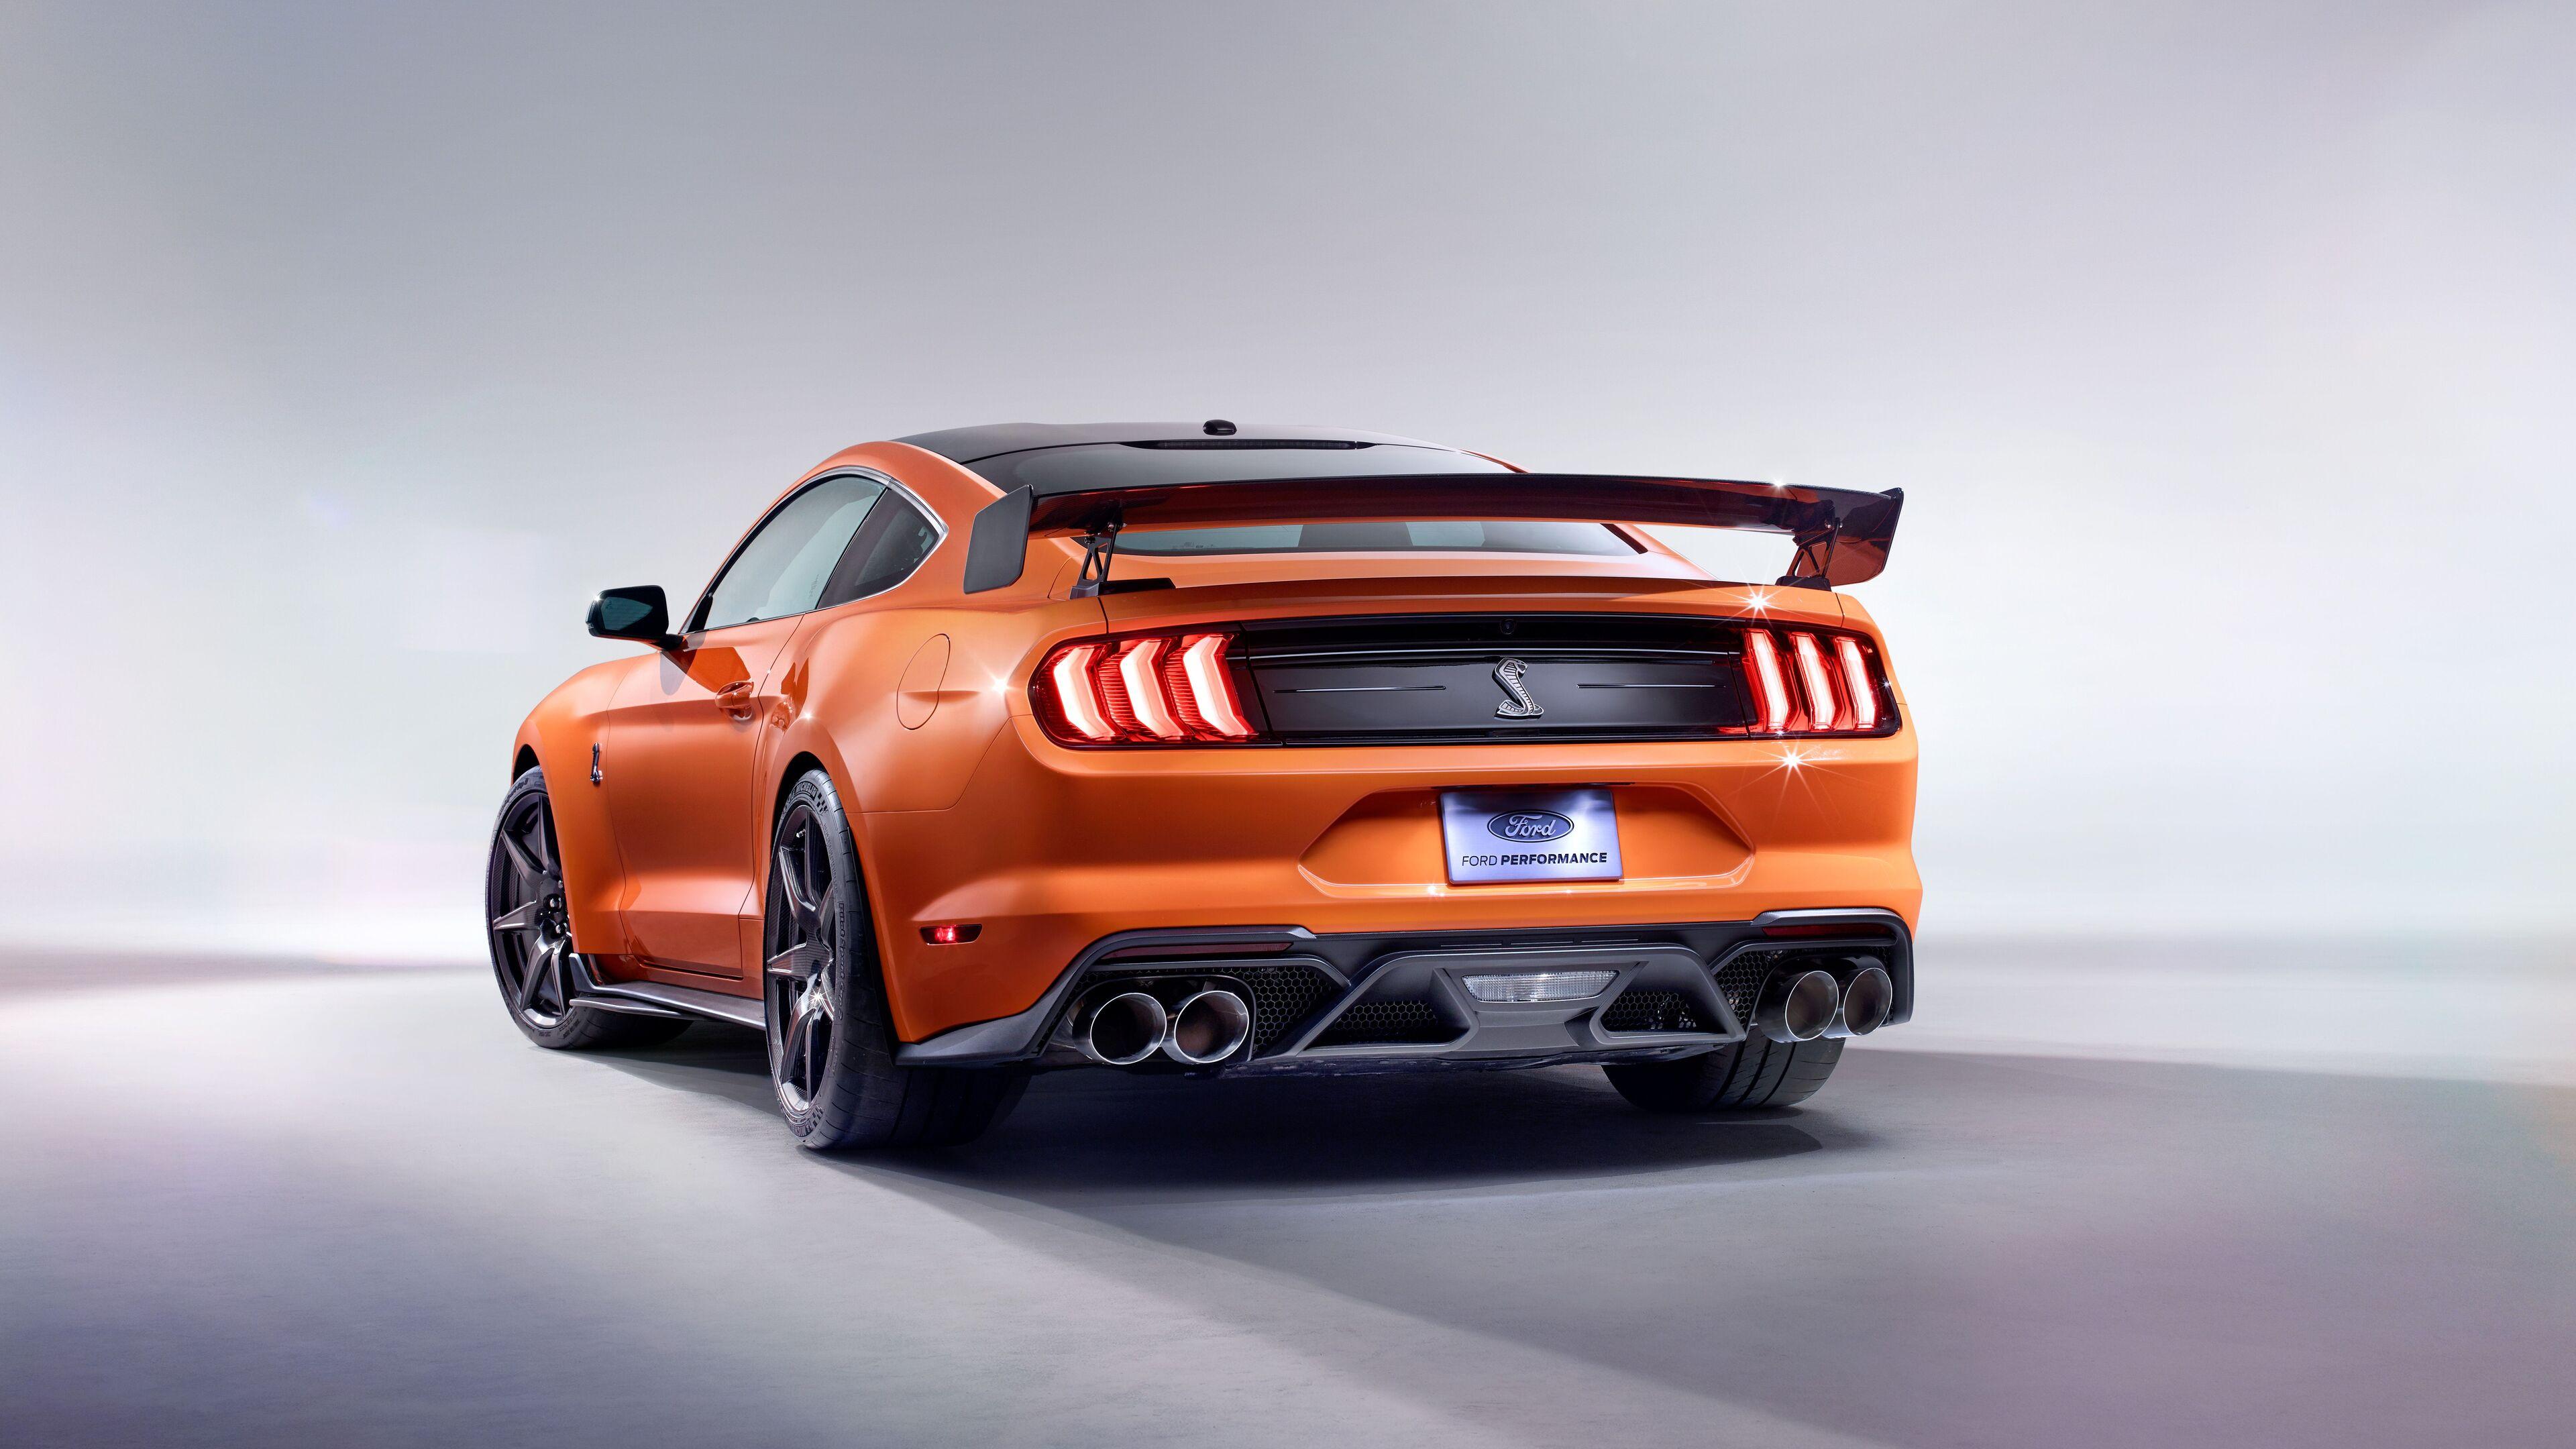 3840x2160 2020 Ford Mustang Shelby GT500 Rear 4k HD 4k ...